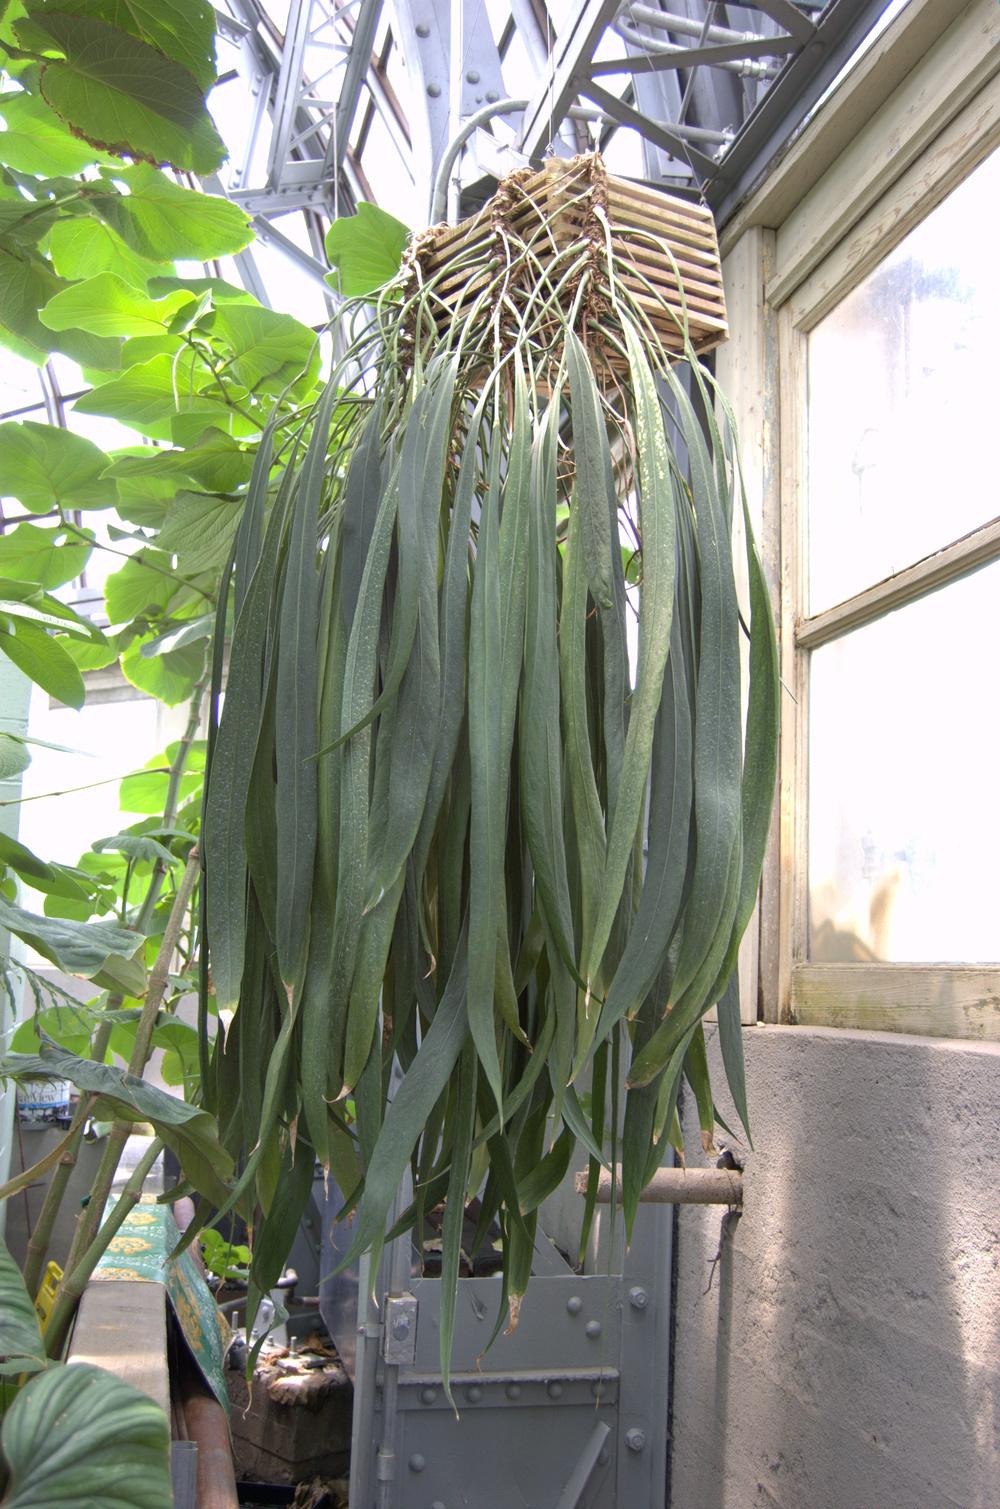 Anthurium vittariifolium, Strap Leaf Anthurium